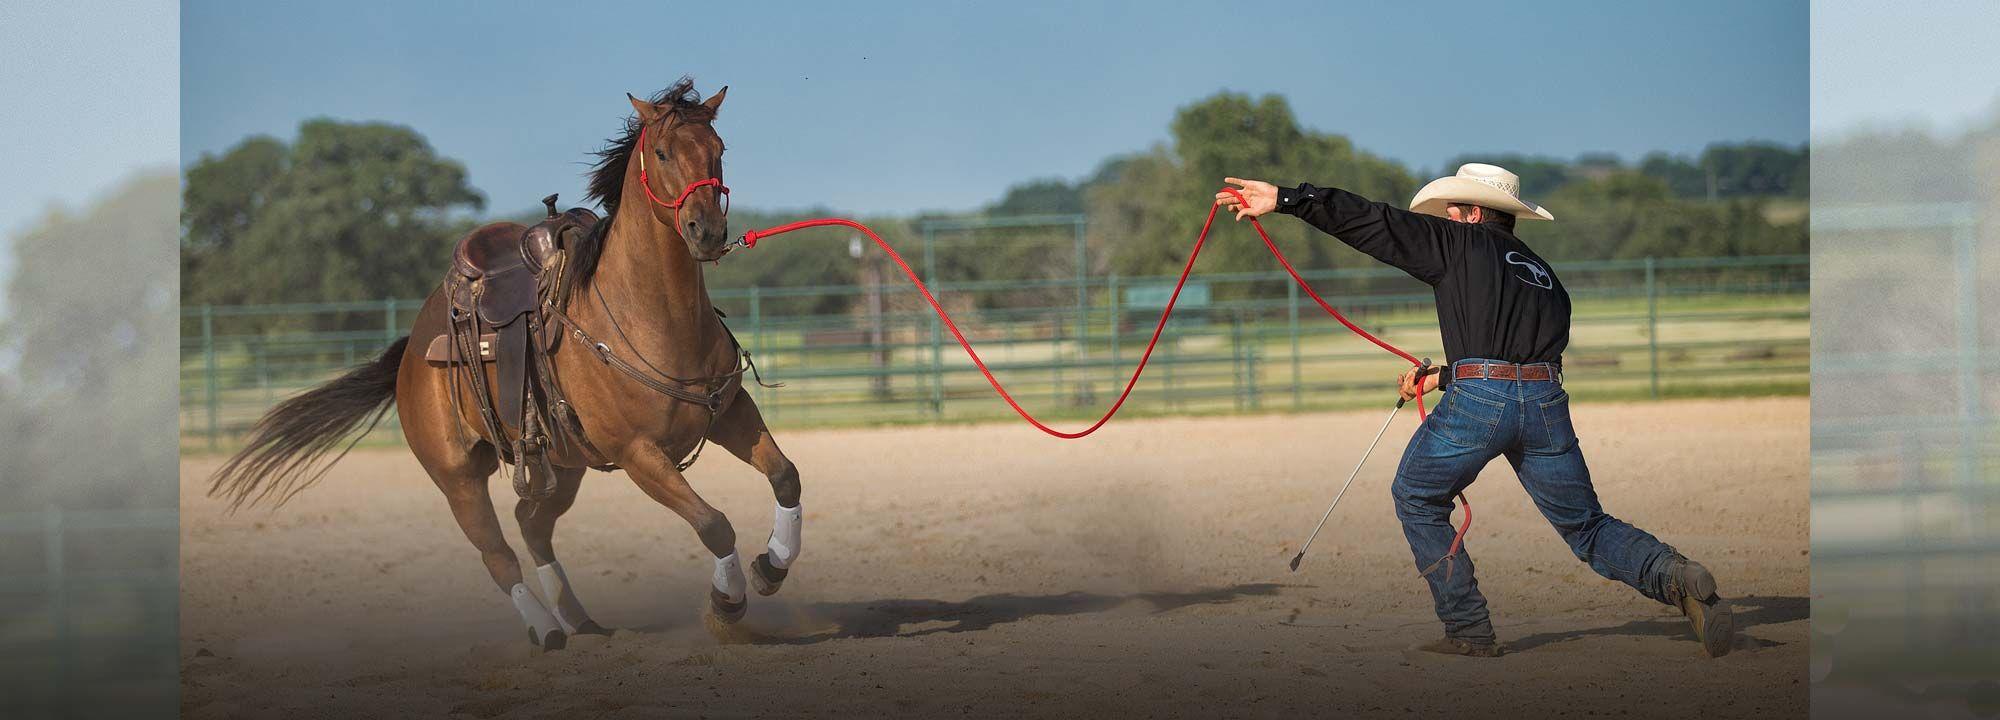 groundwork horses - 2000×720